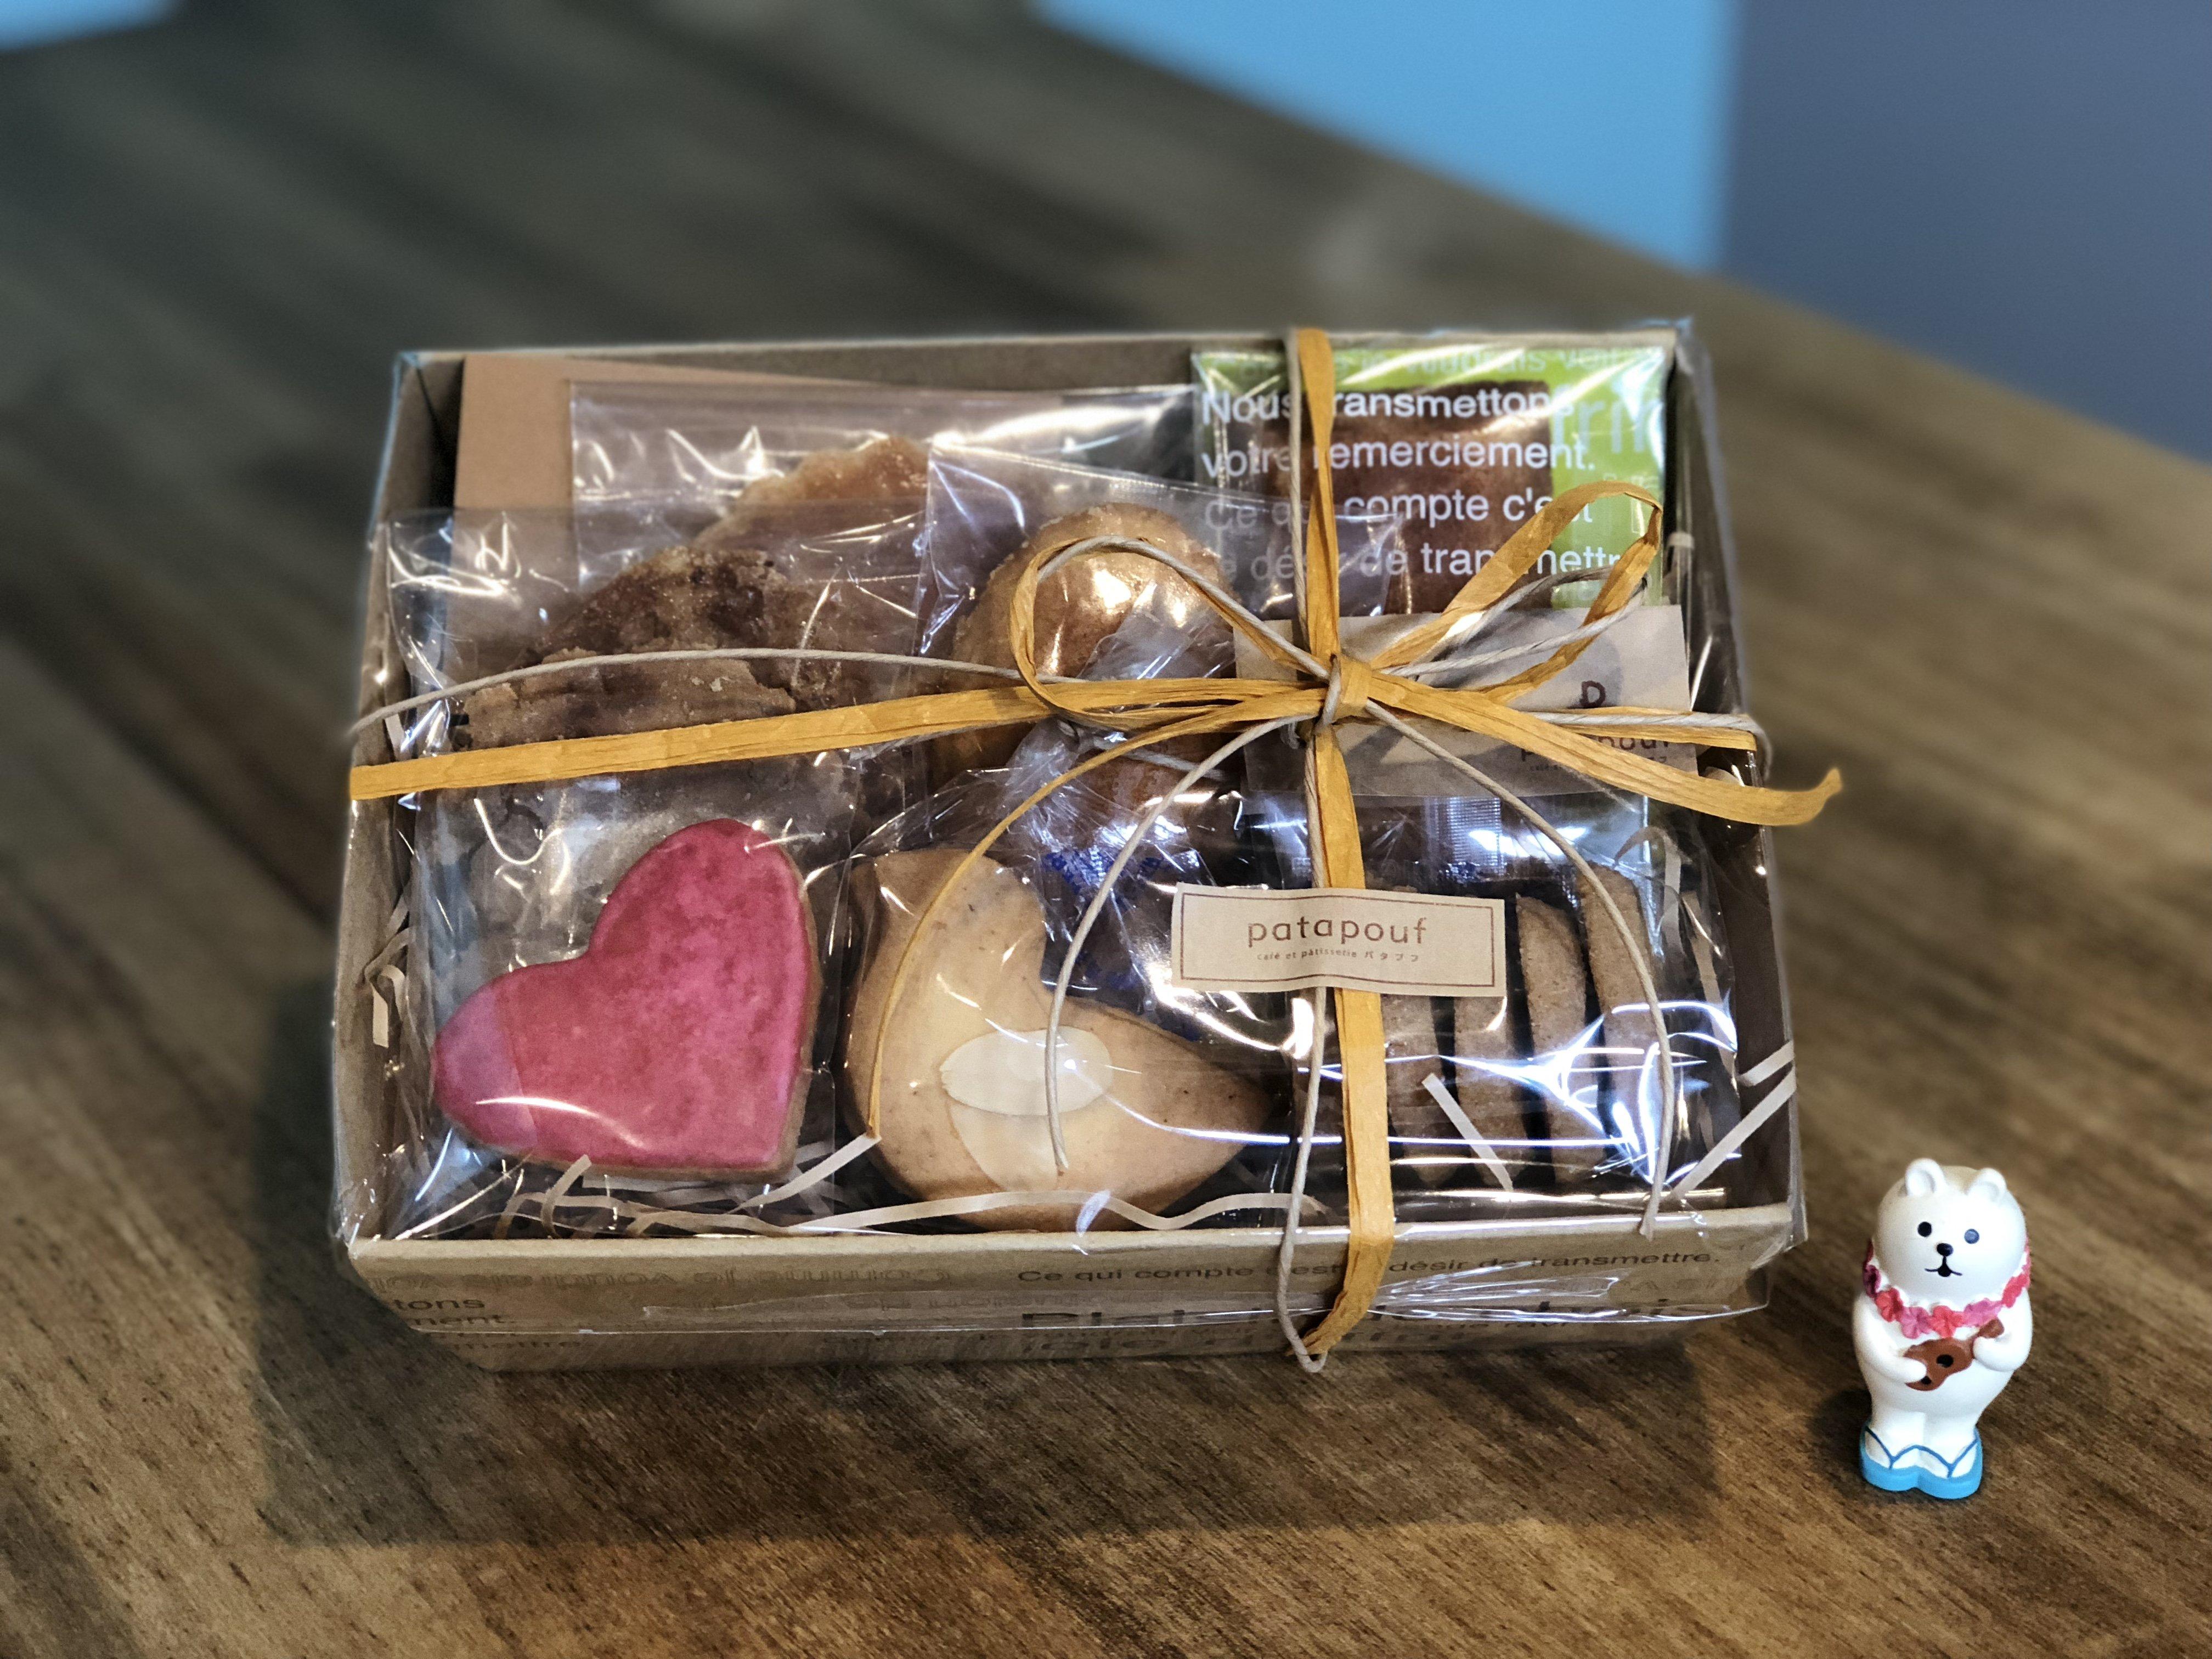 patapouf の【焼き菓子ギフト 1000円】 店頭受け取りのみのイメージその3